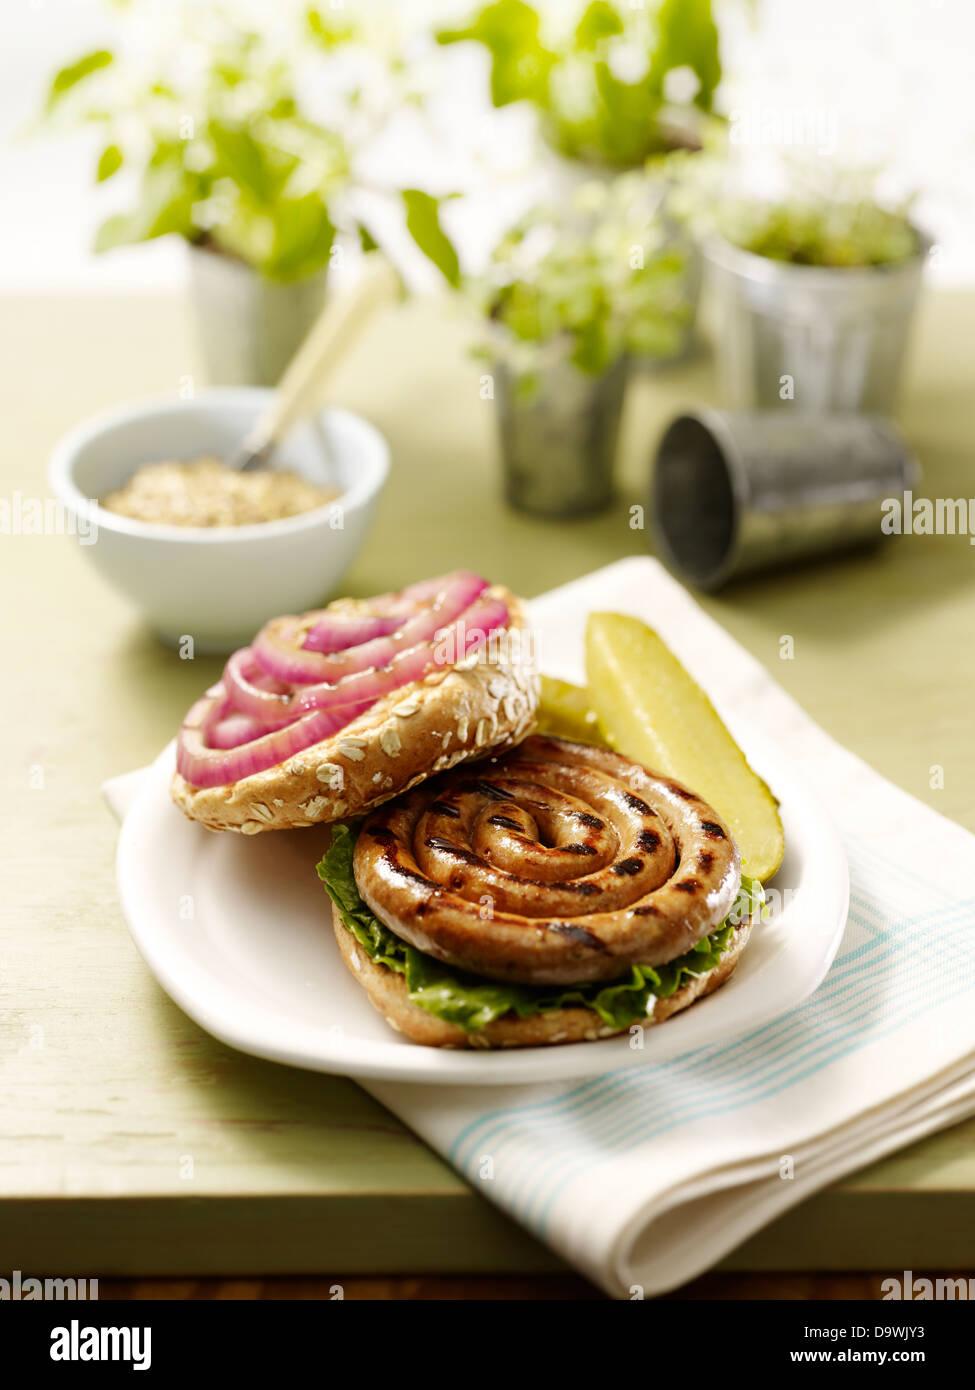 sausage spiral burger - Stock Image